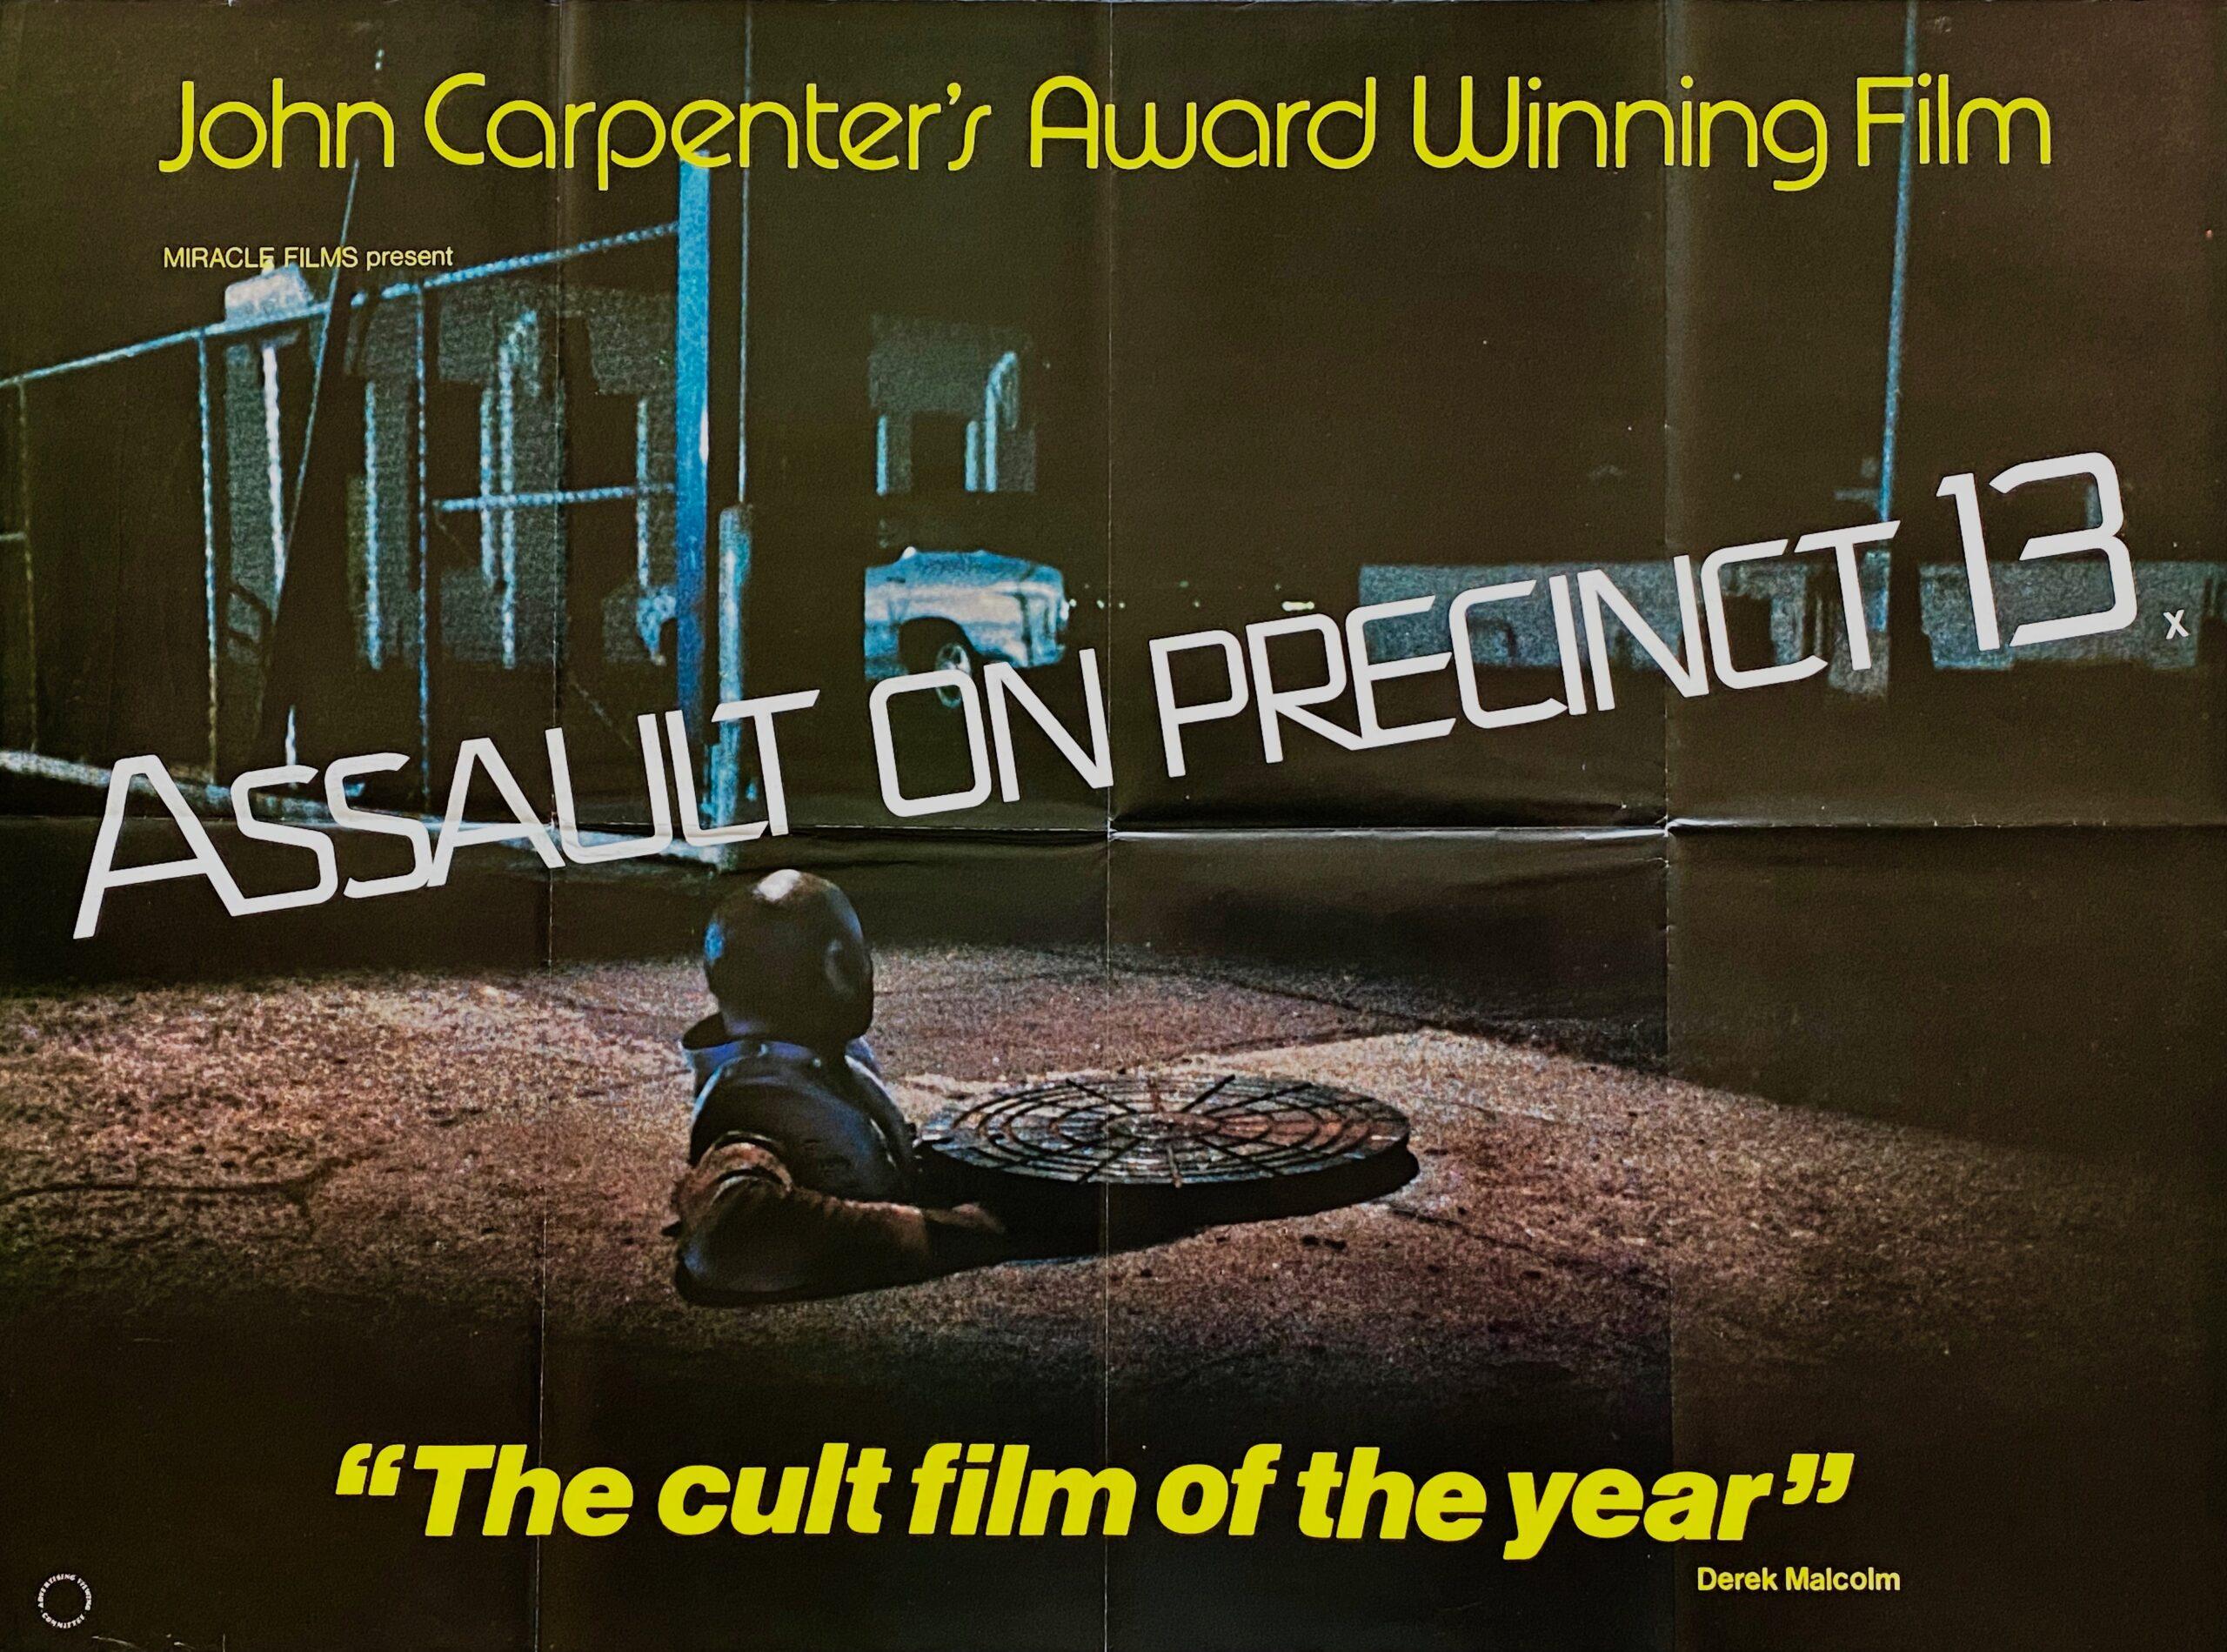 Original Assault on Precinct 13 Movie Poster - John Carpenter - Thriller